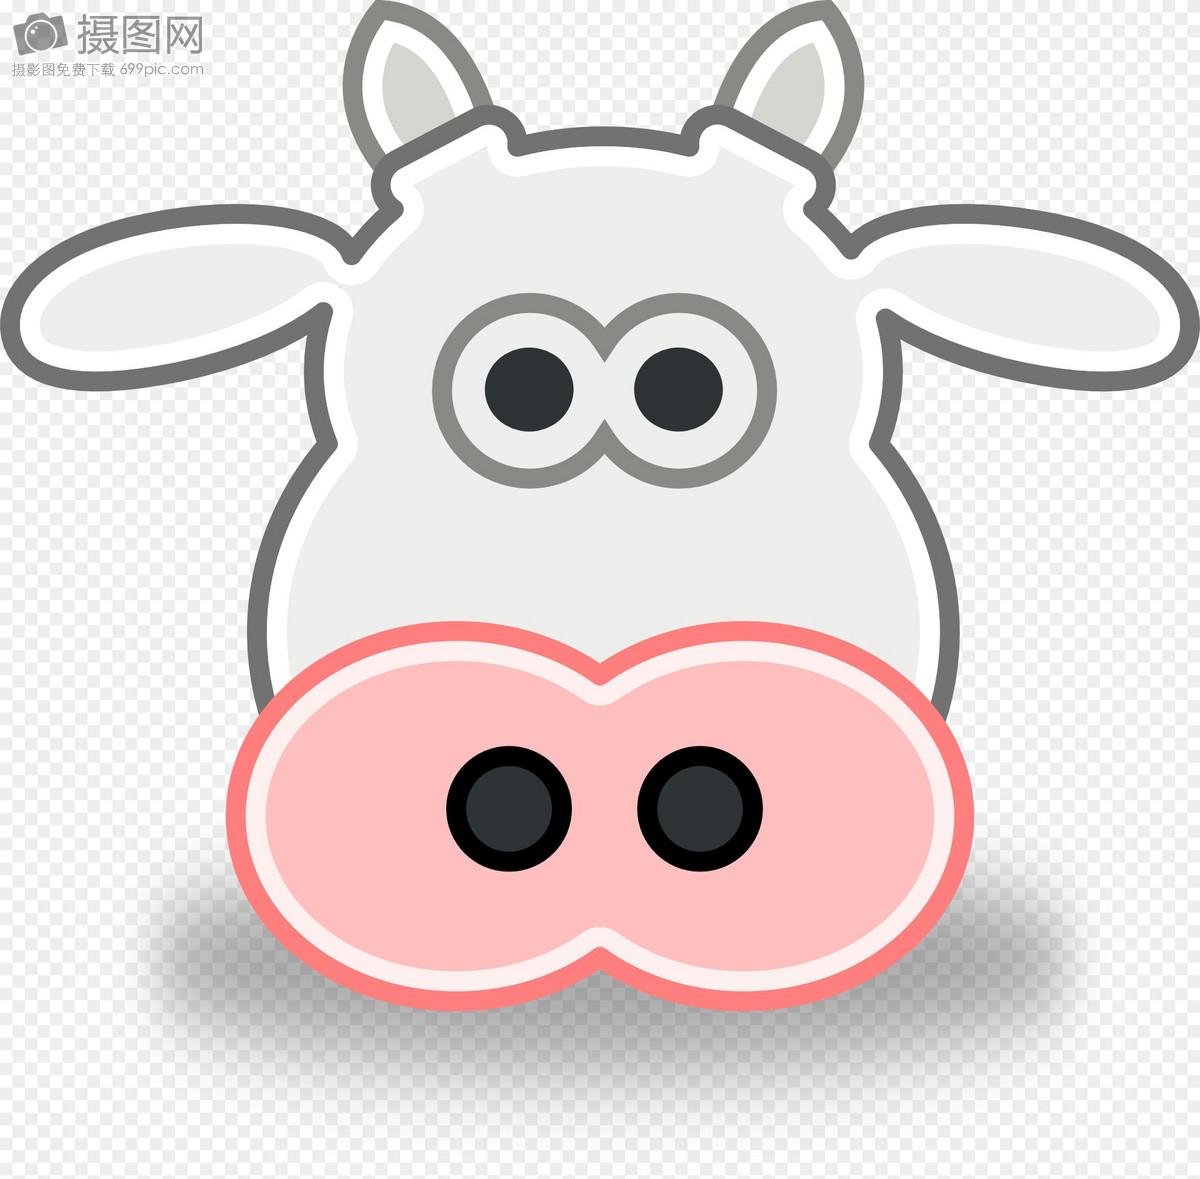 卡通可爱牛头像矢量图